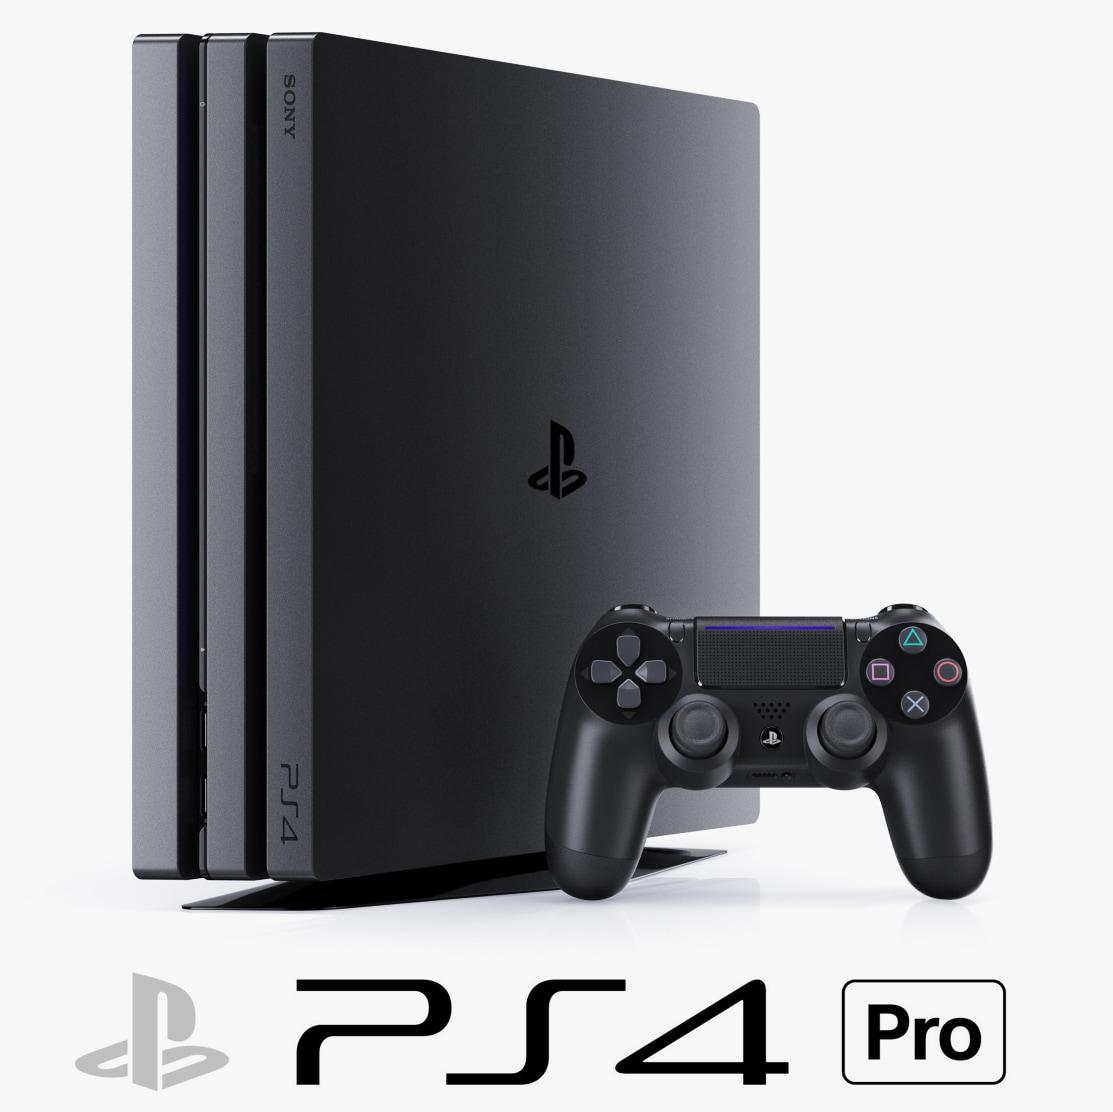 sony playstation 4 pro max